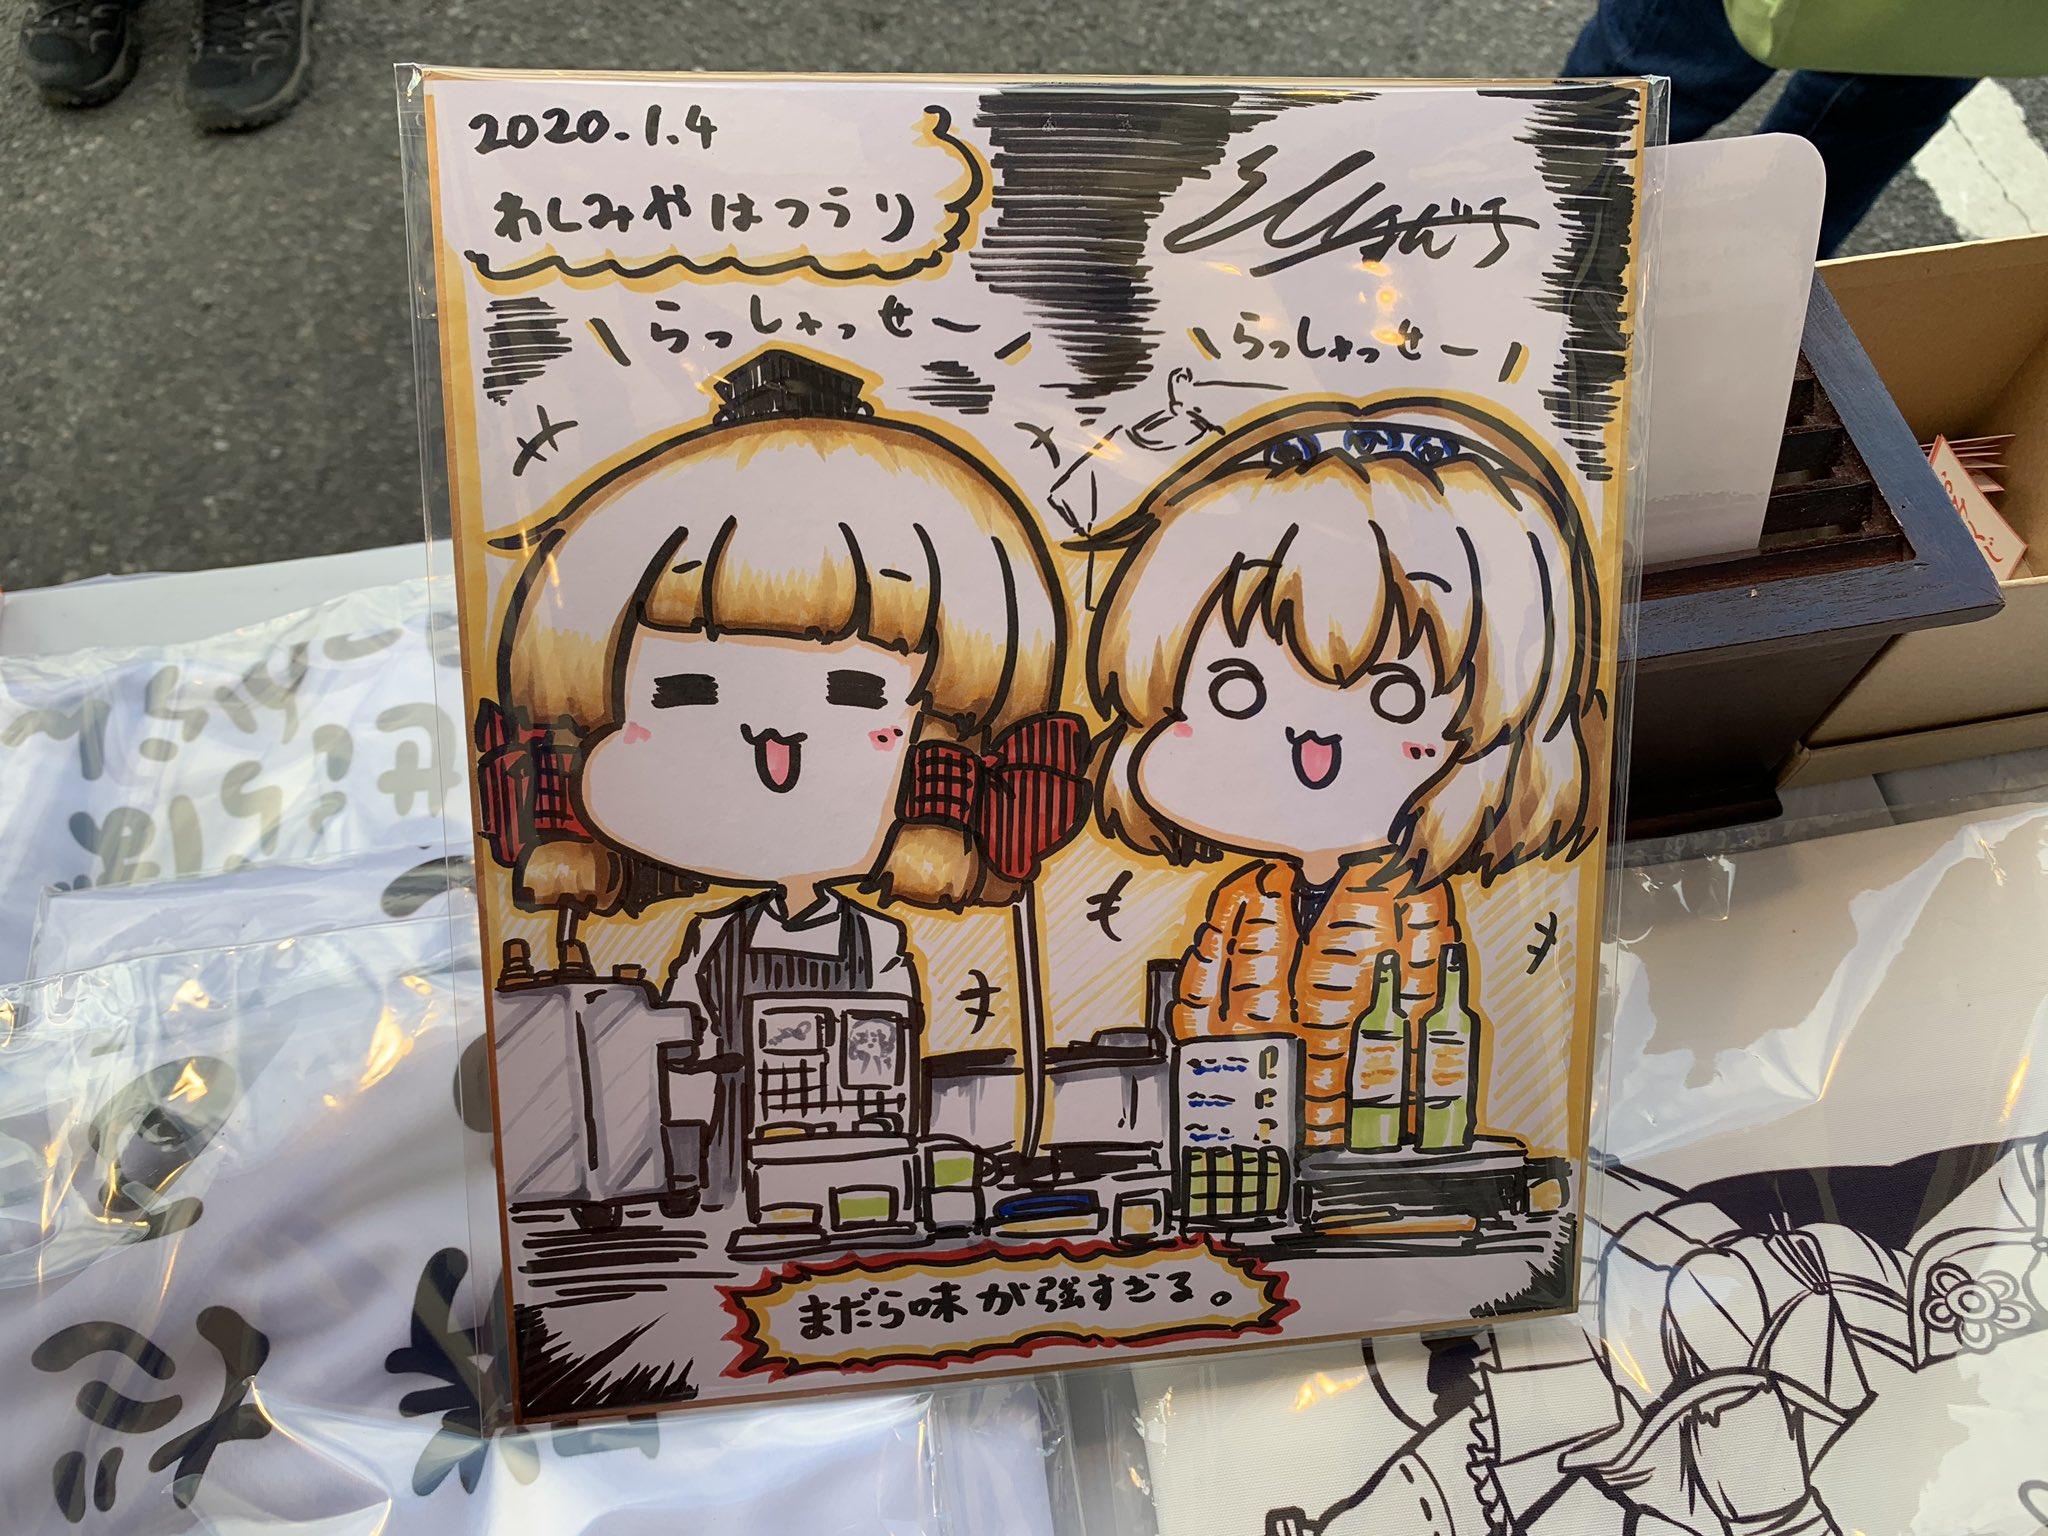 mettoko_Fan_art_641